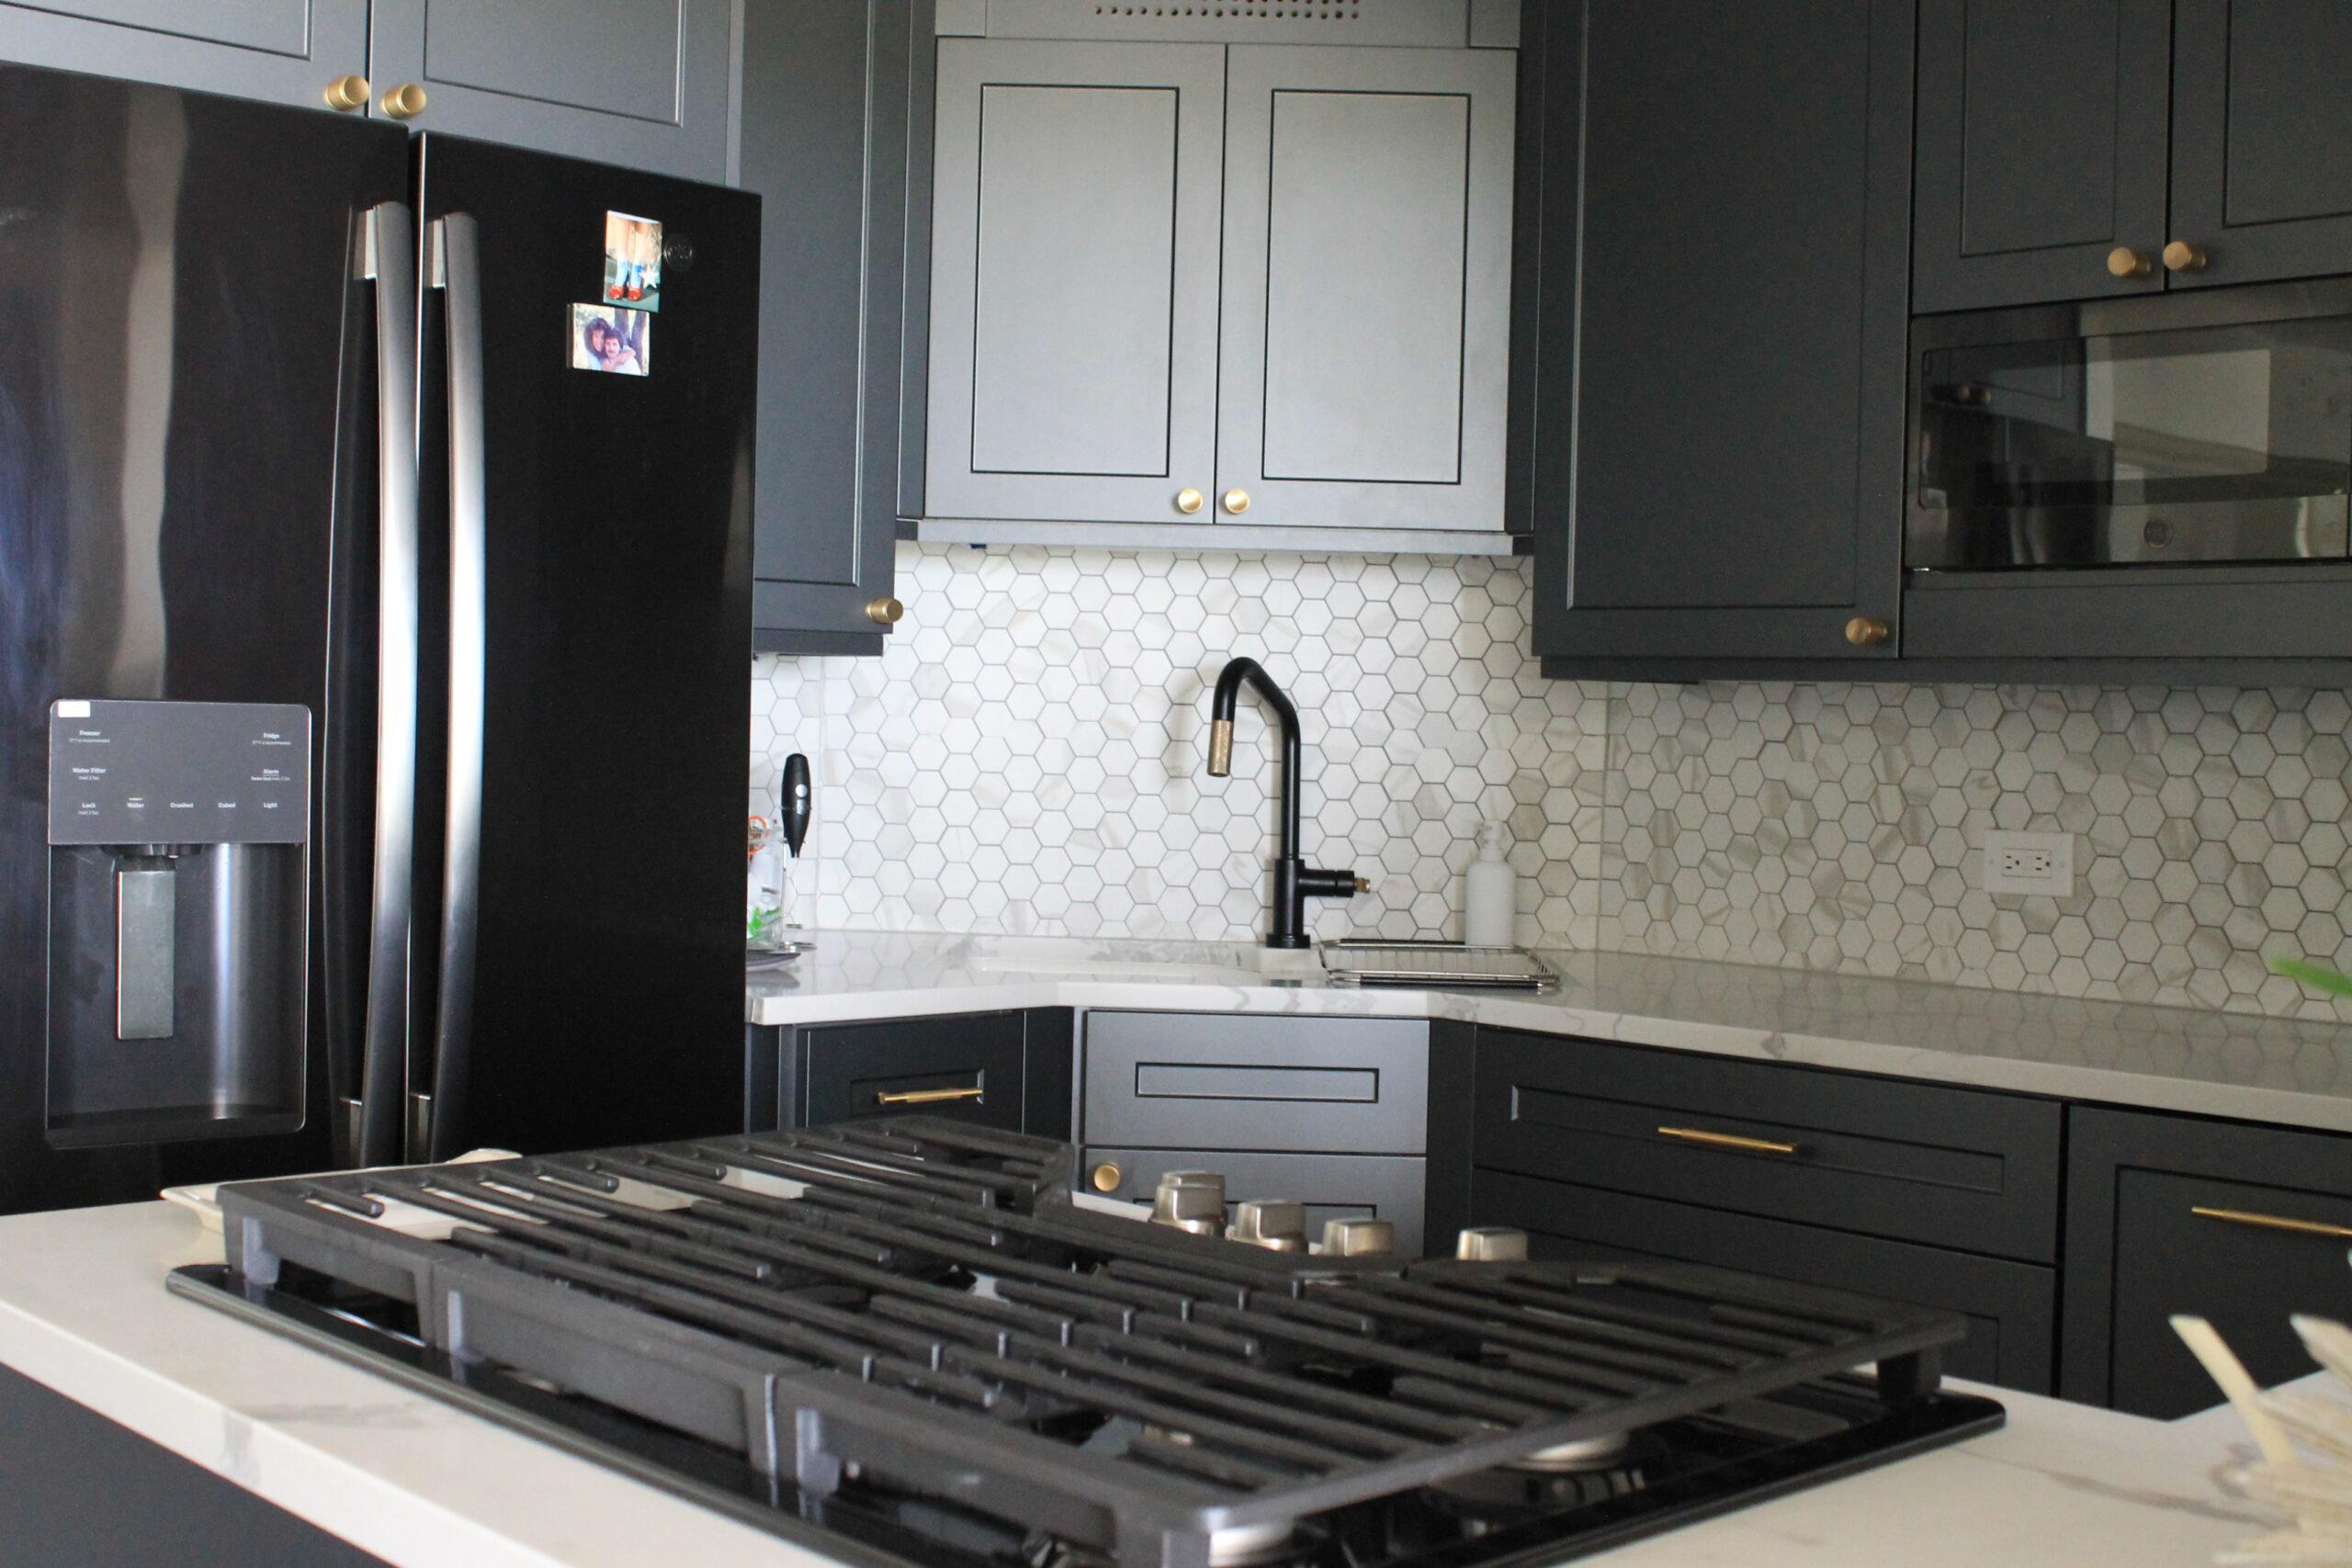 lake shore drive kitchen remodeling